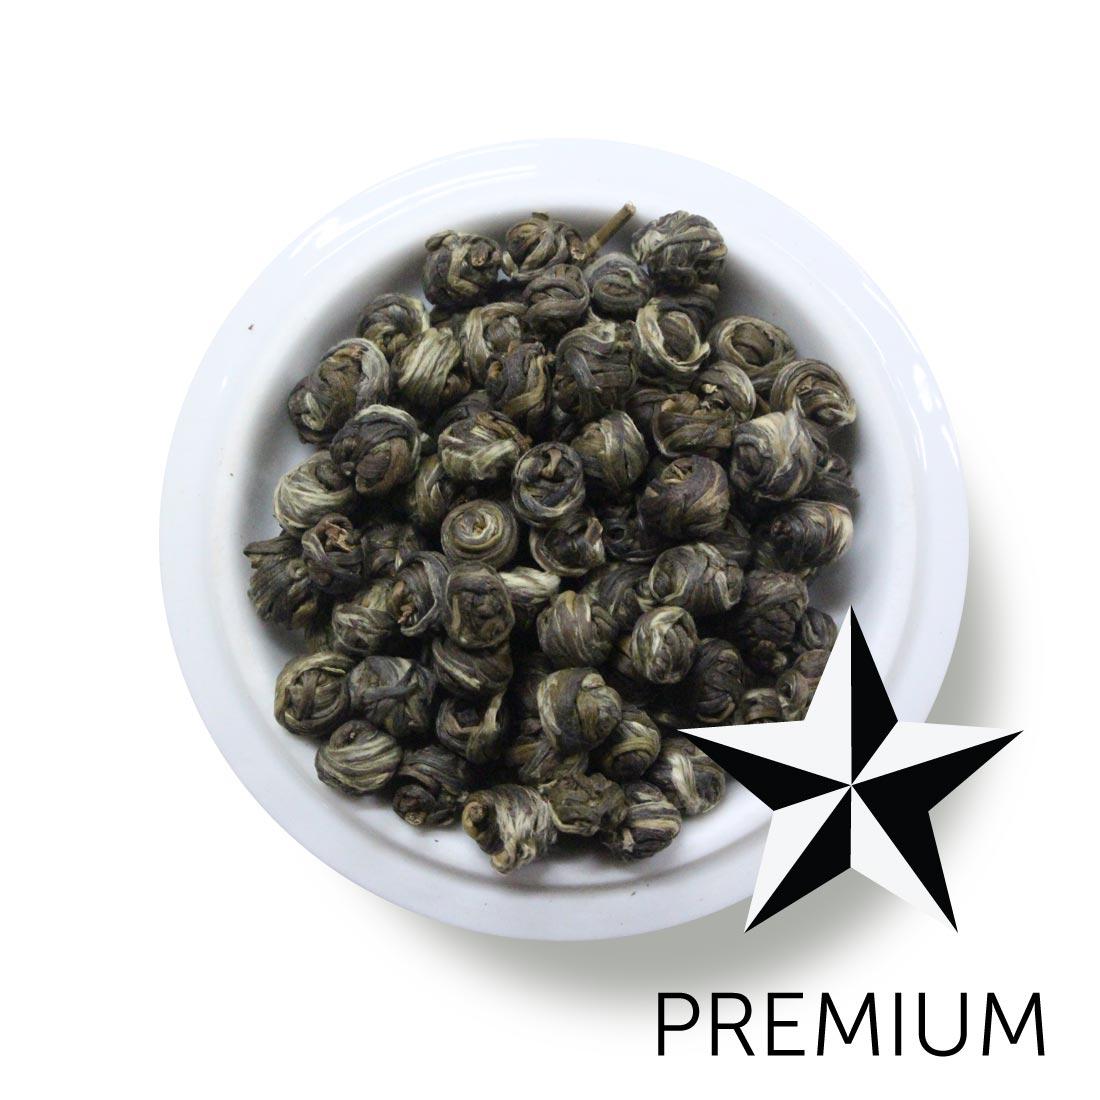 Premium Green Tea Silver Bud Jasmine Pearls